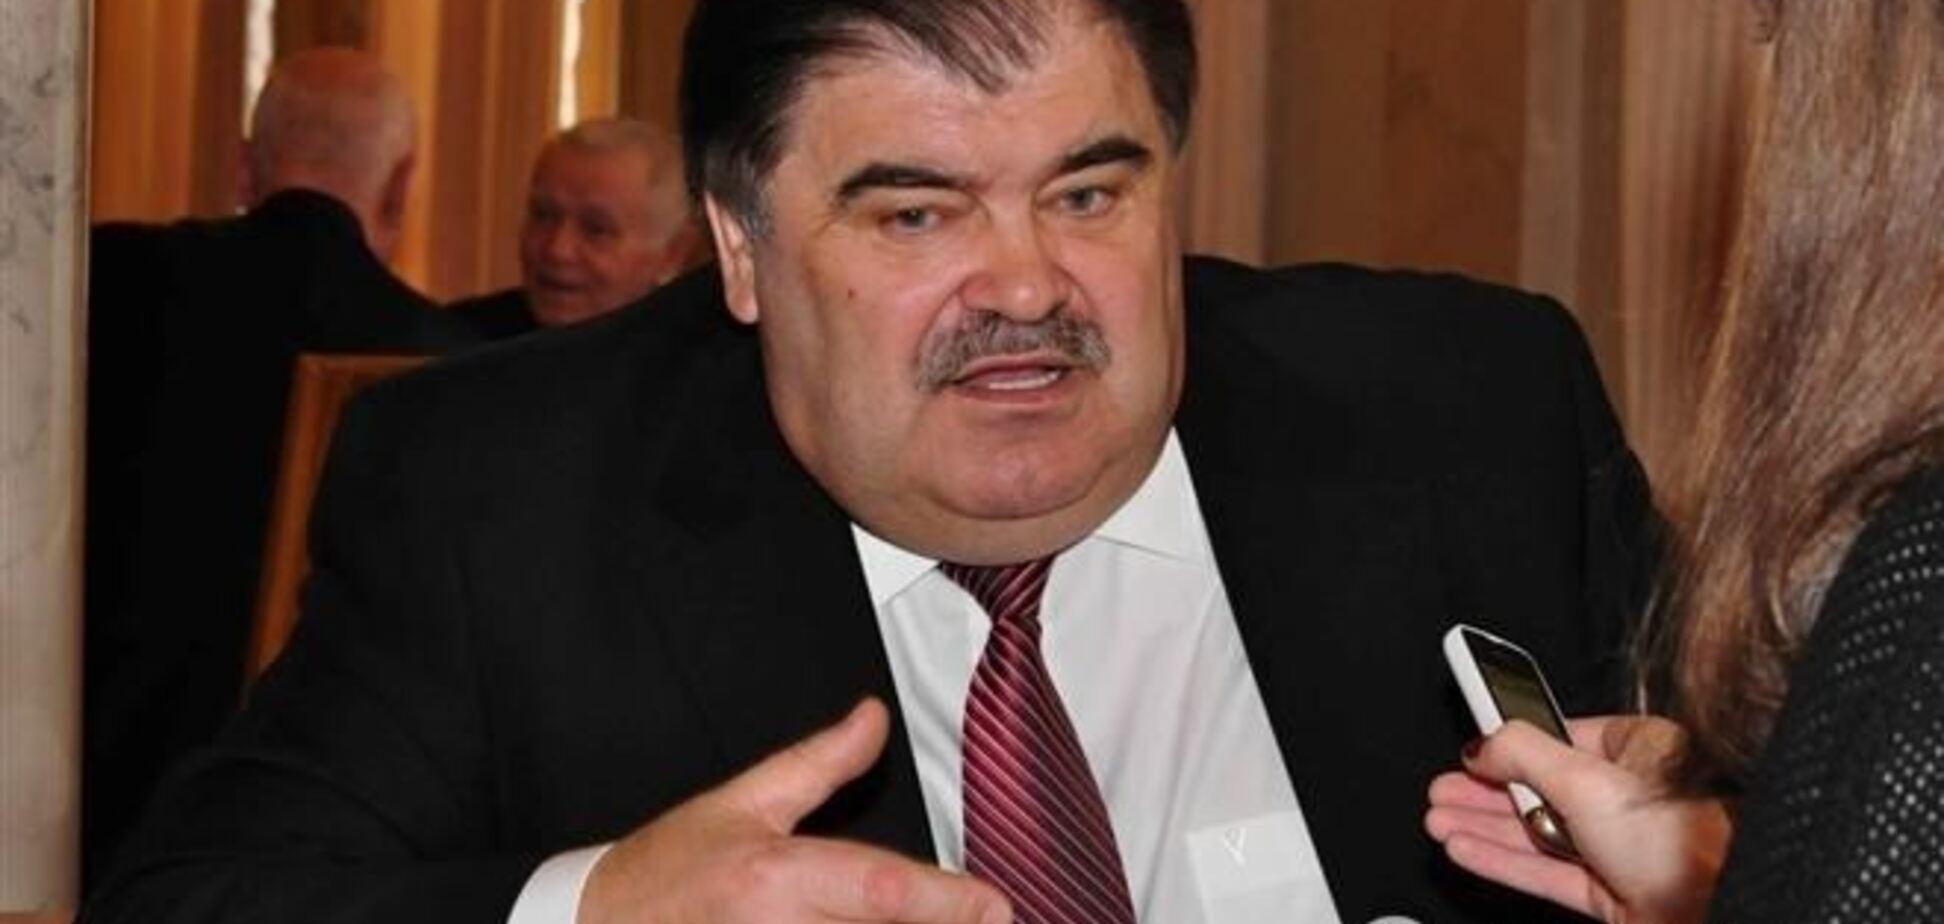 Голова КМДА Володимир Бондаренко: в Києві була розвинена система 'смотрящих'